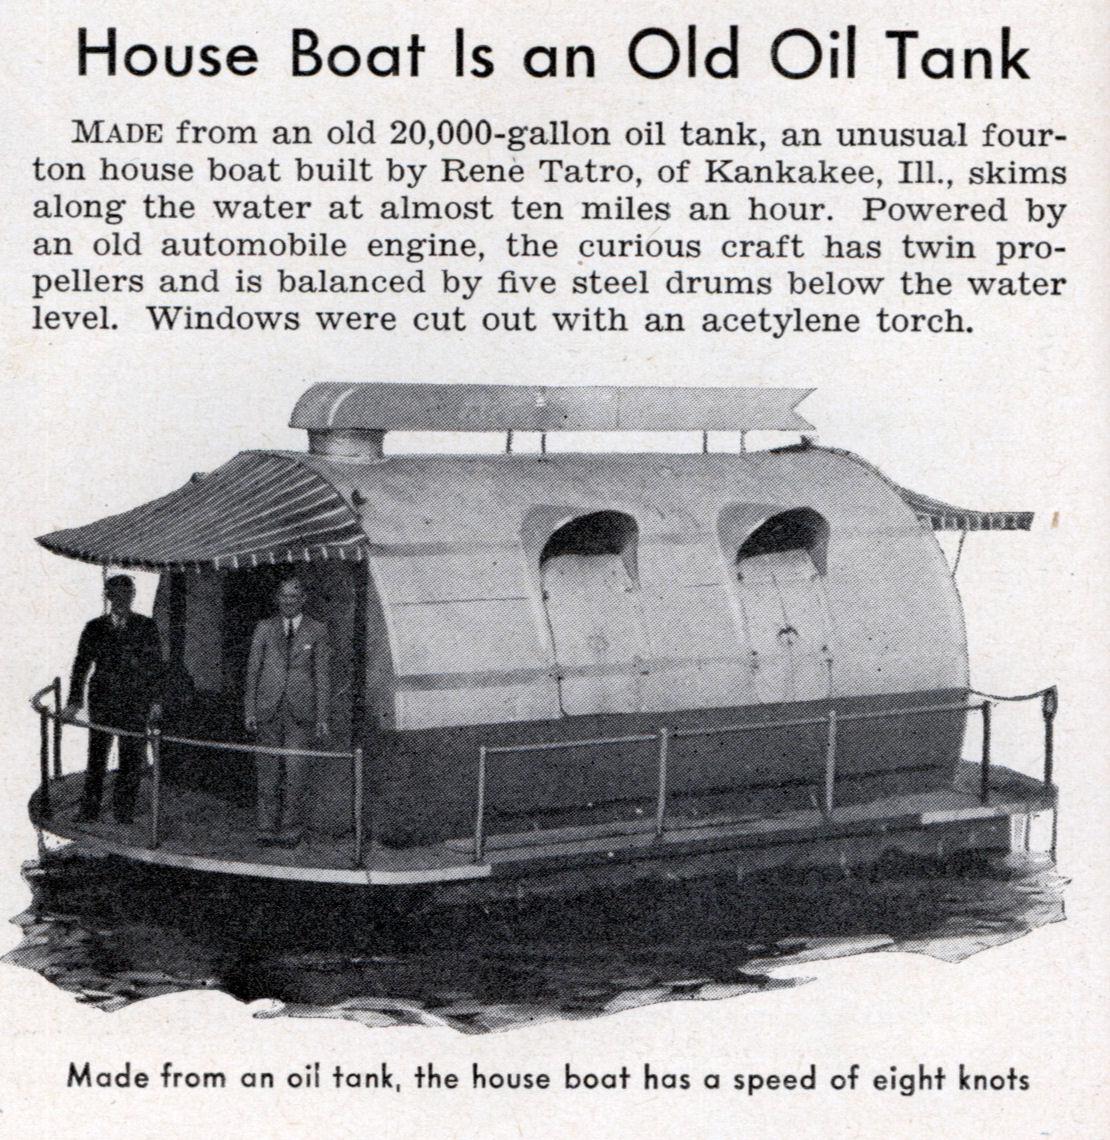 House Boat Is an Old Oil Tank | Modern Mechanix